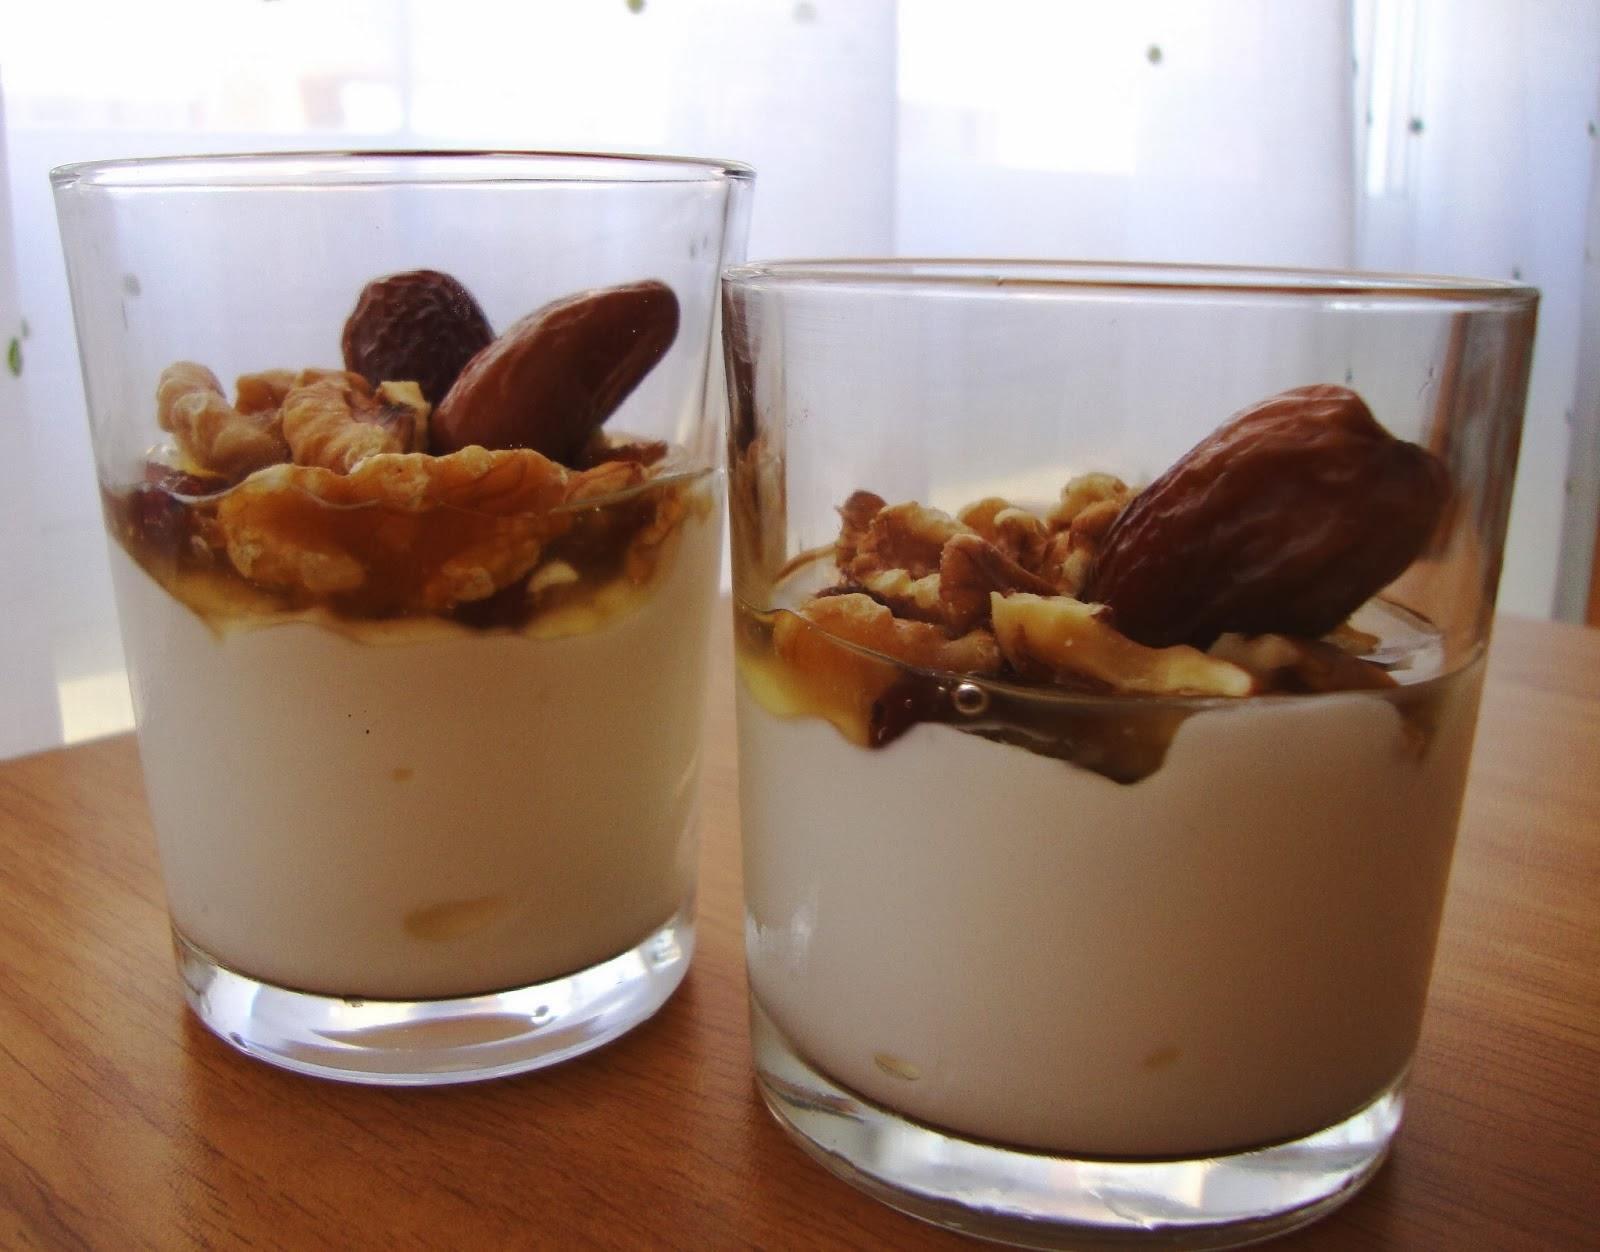 Yogur griego con frutos secos y miel